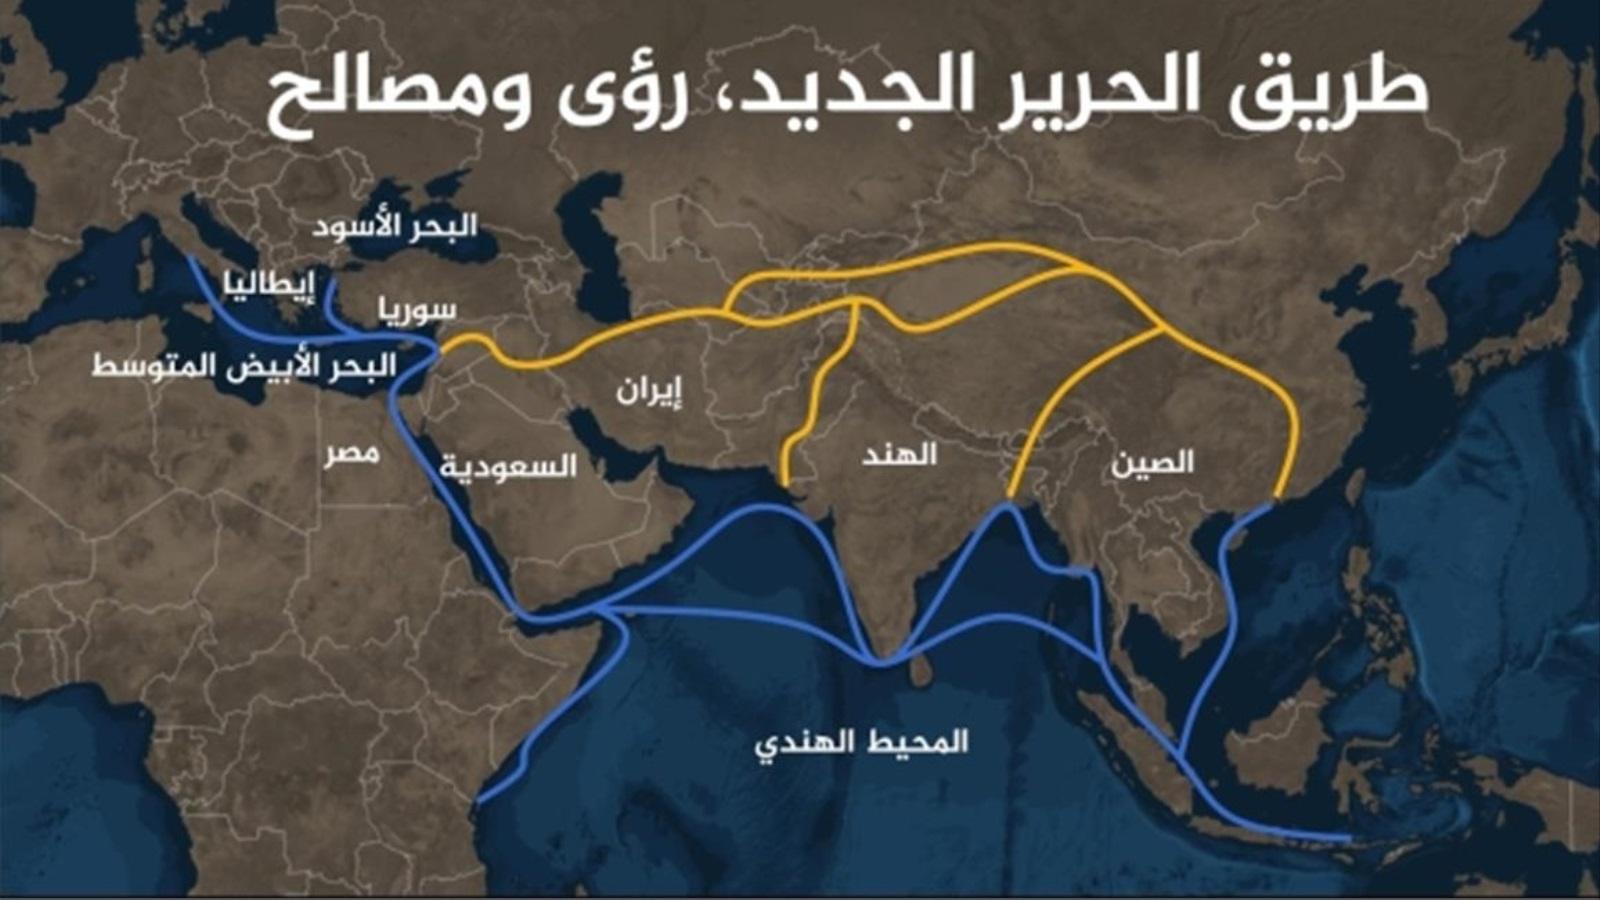 مشروع الحزام والطريق في منطقة الخليج: تناقضاته وانعكاساته على الدور الصيني